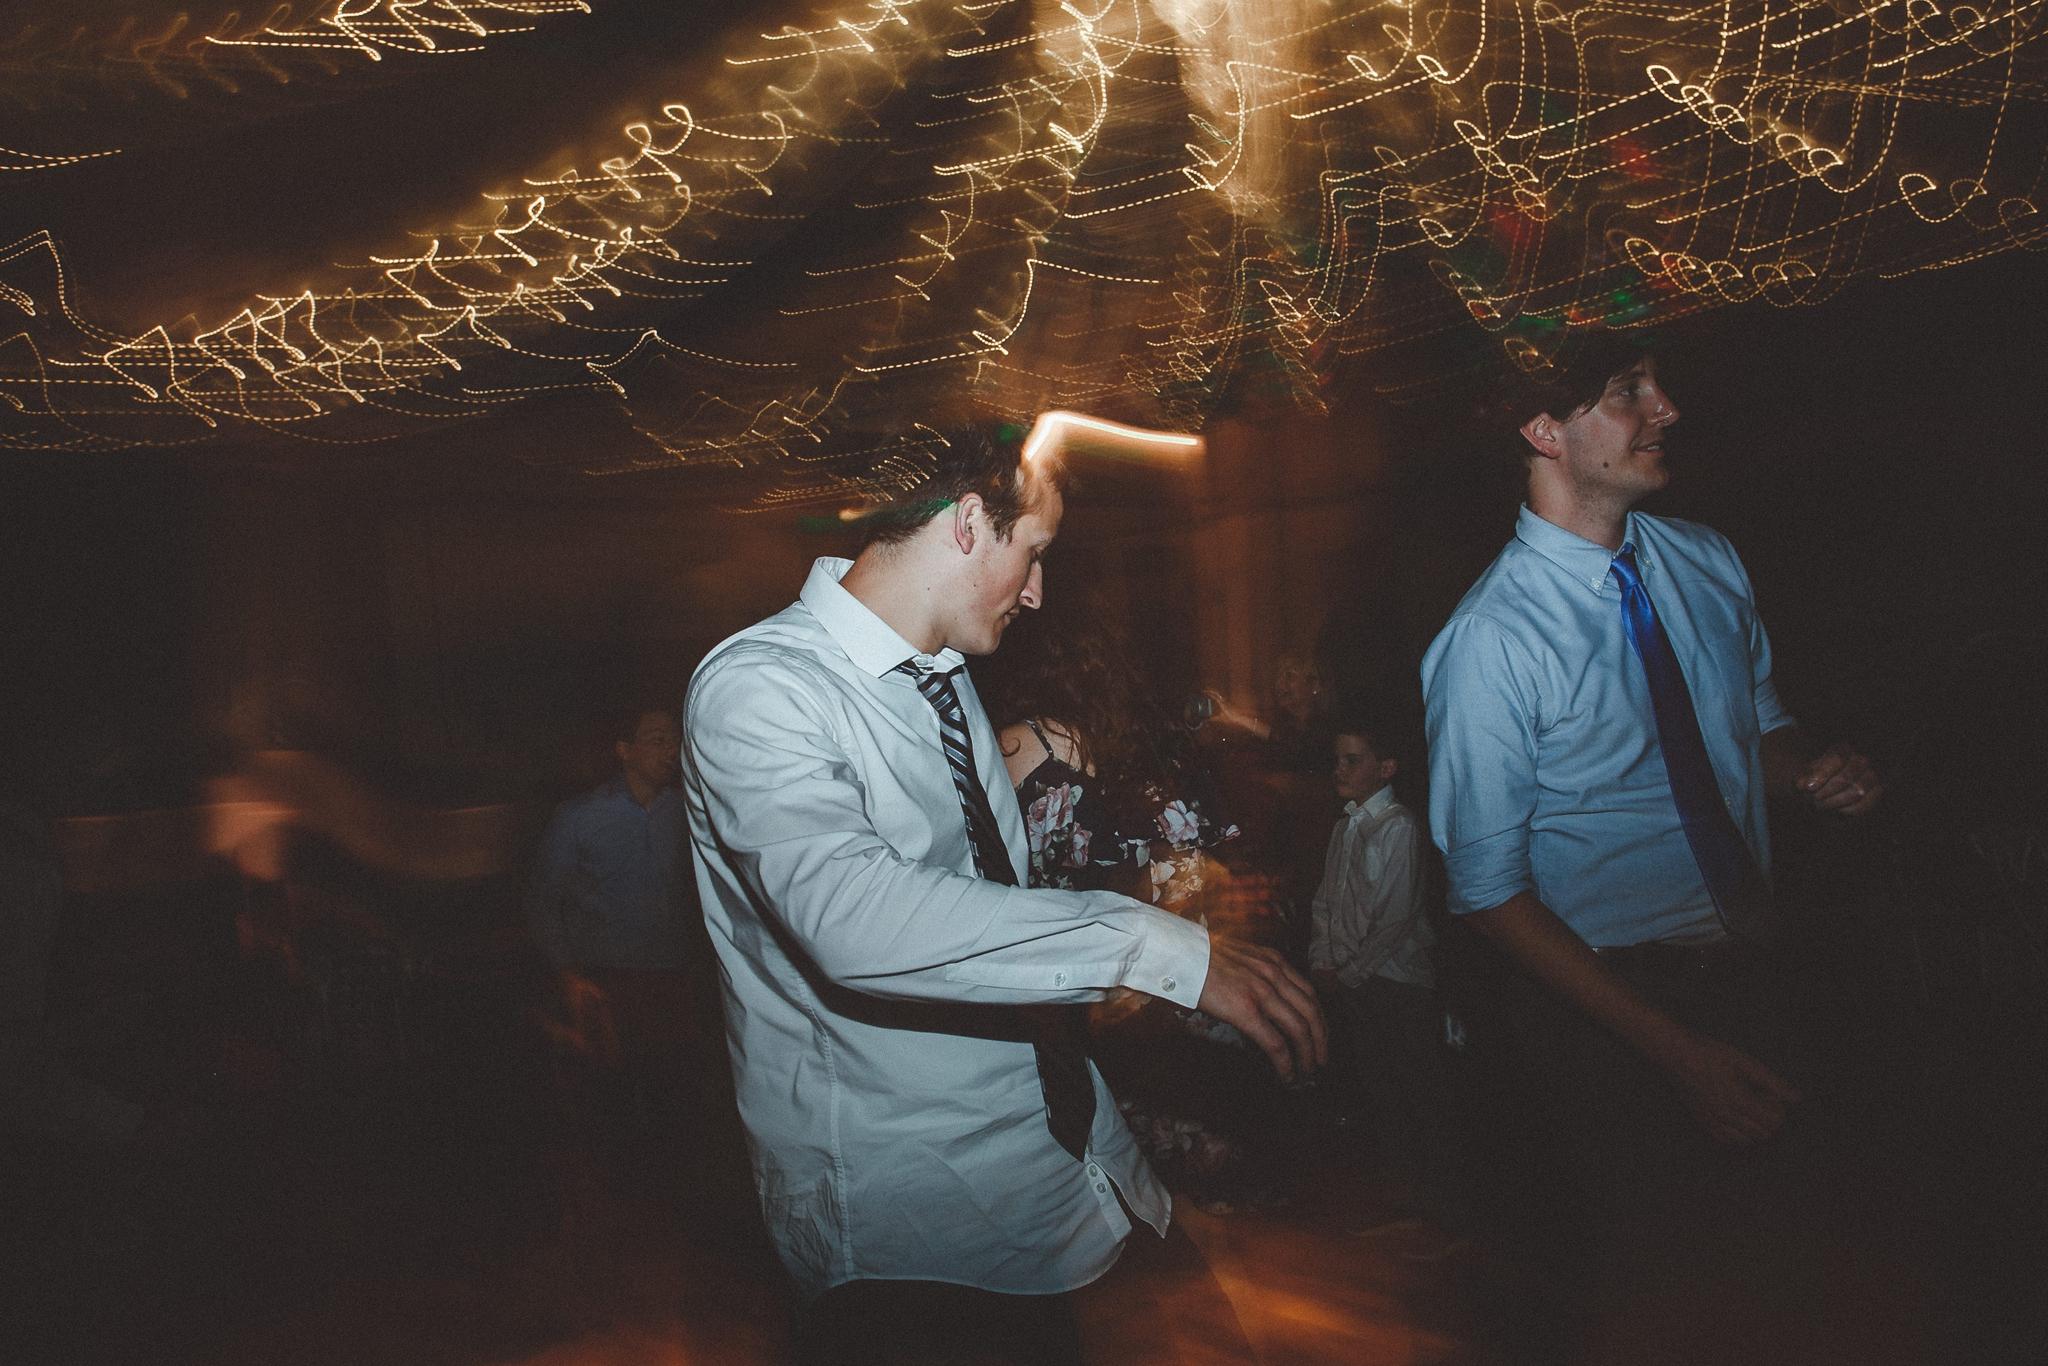 noahs_event_venue_naperville_IL_wedding_photographer_0071.jpg